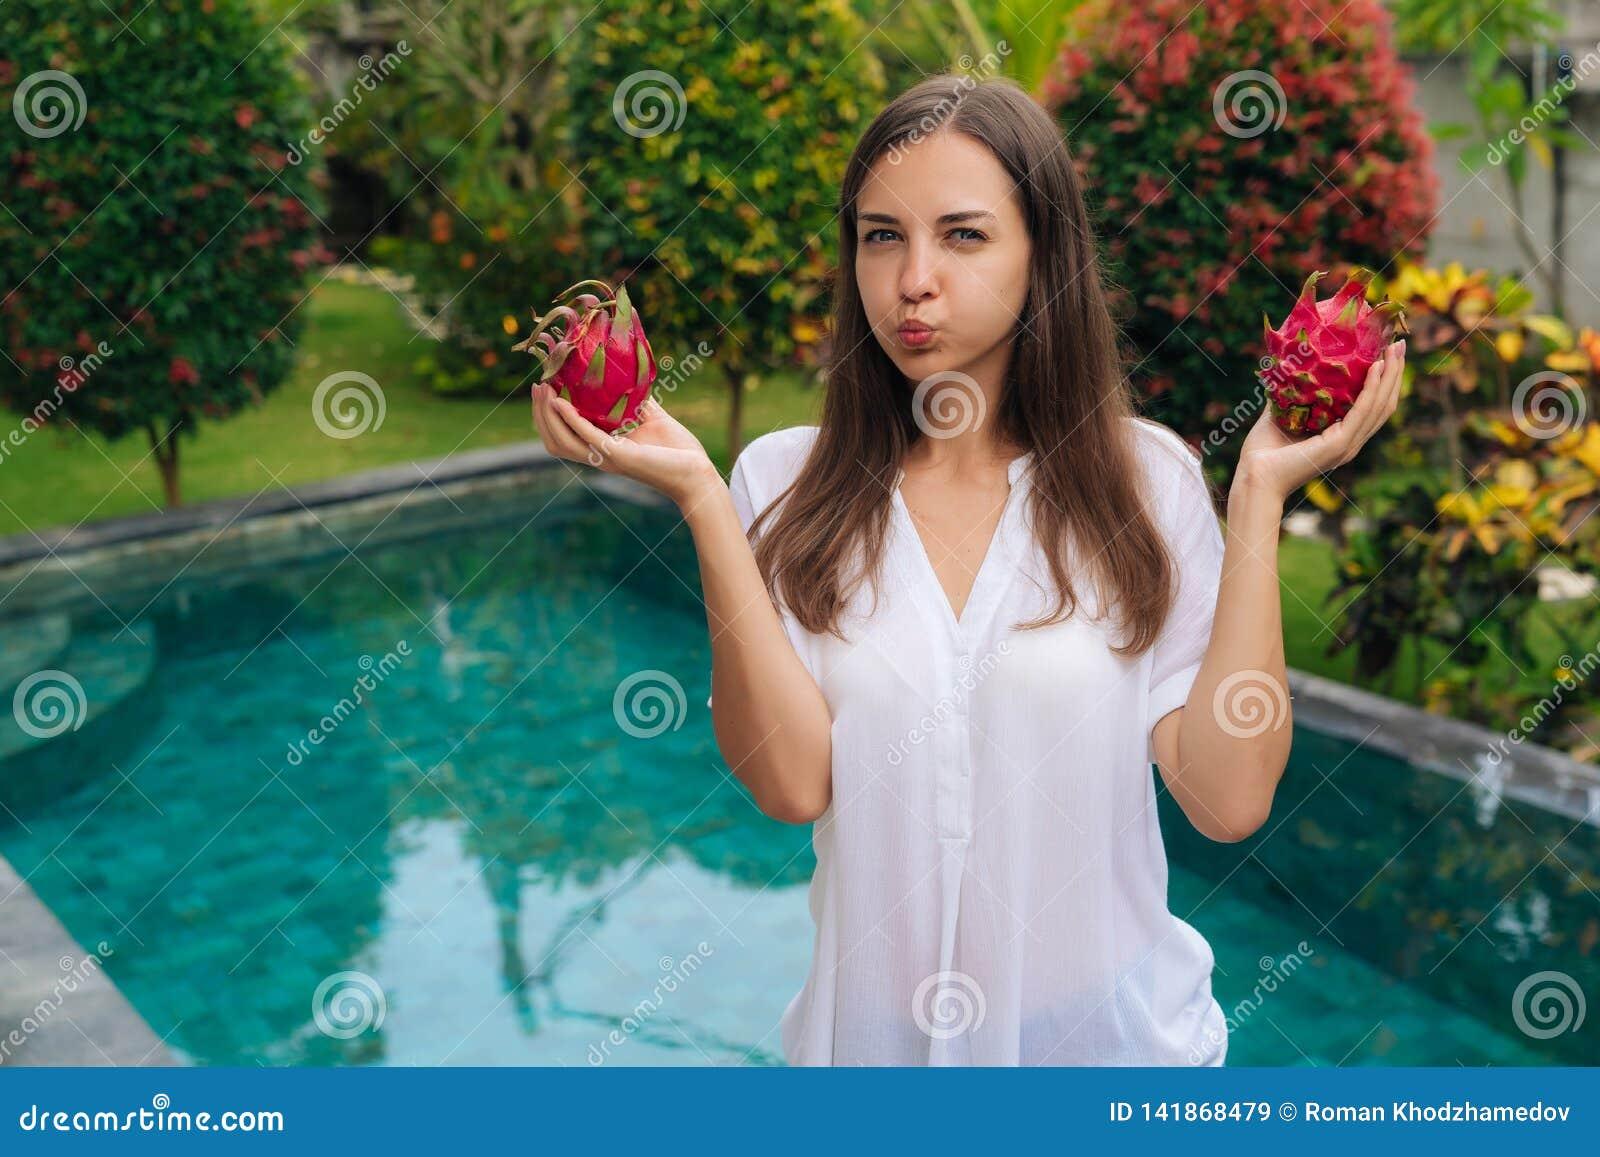 Девушка портрета держит 2 плода дракона, pitaya в ее руках и делает смешную сторону надувает ее щеки